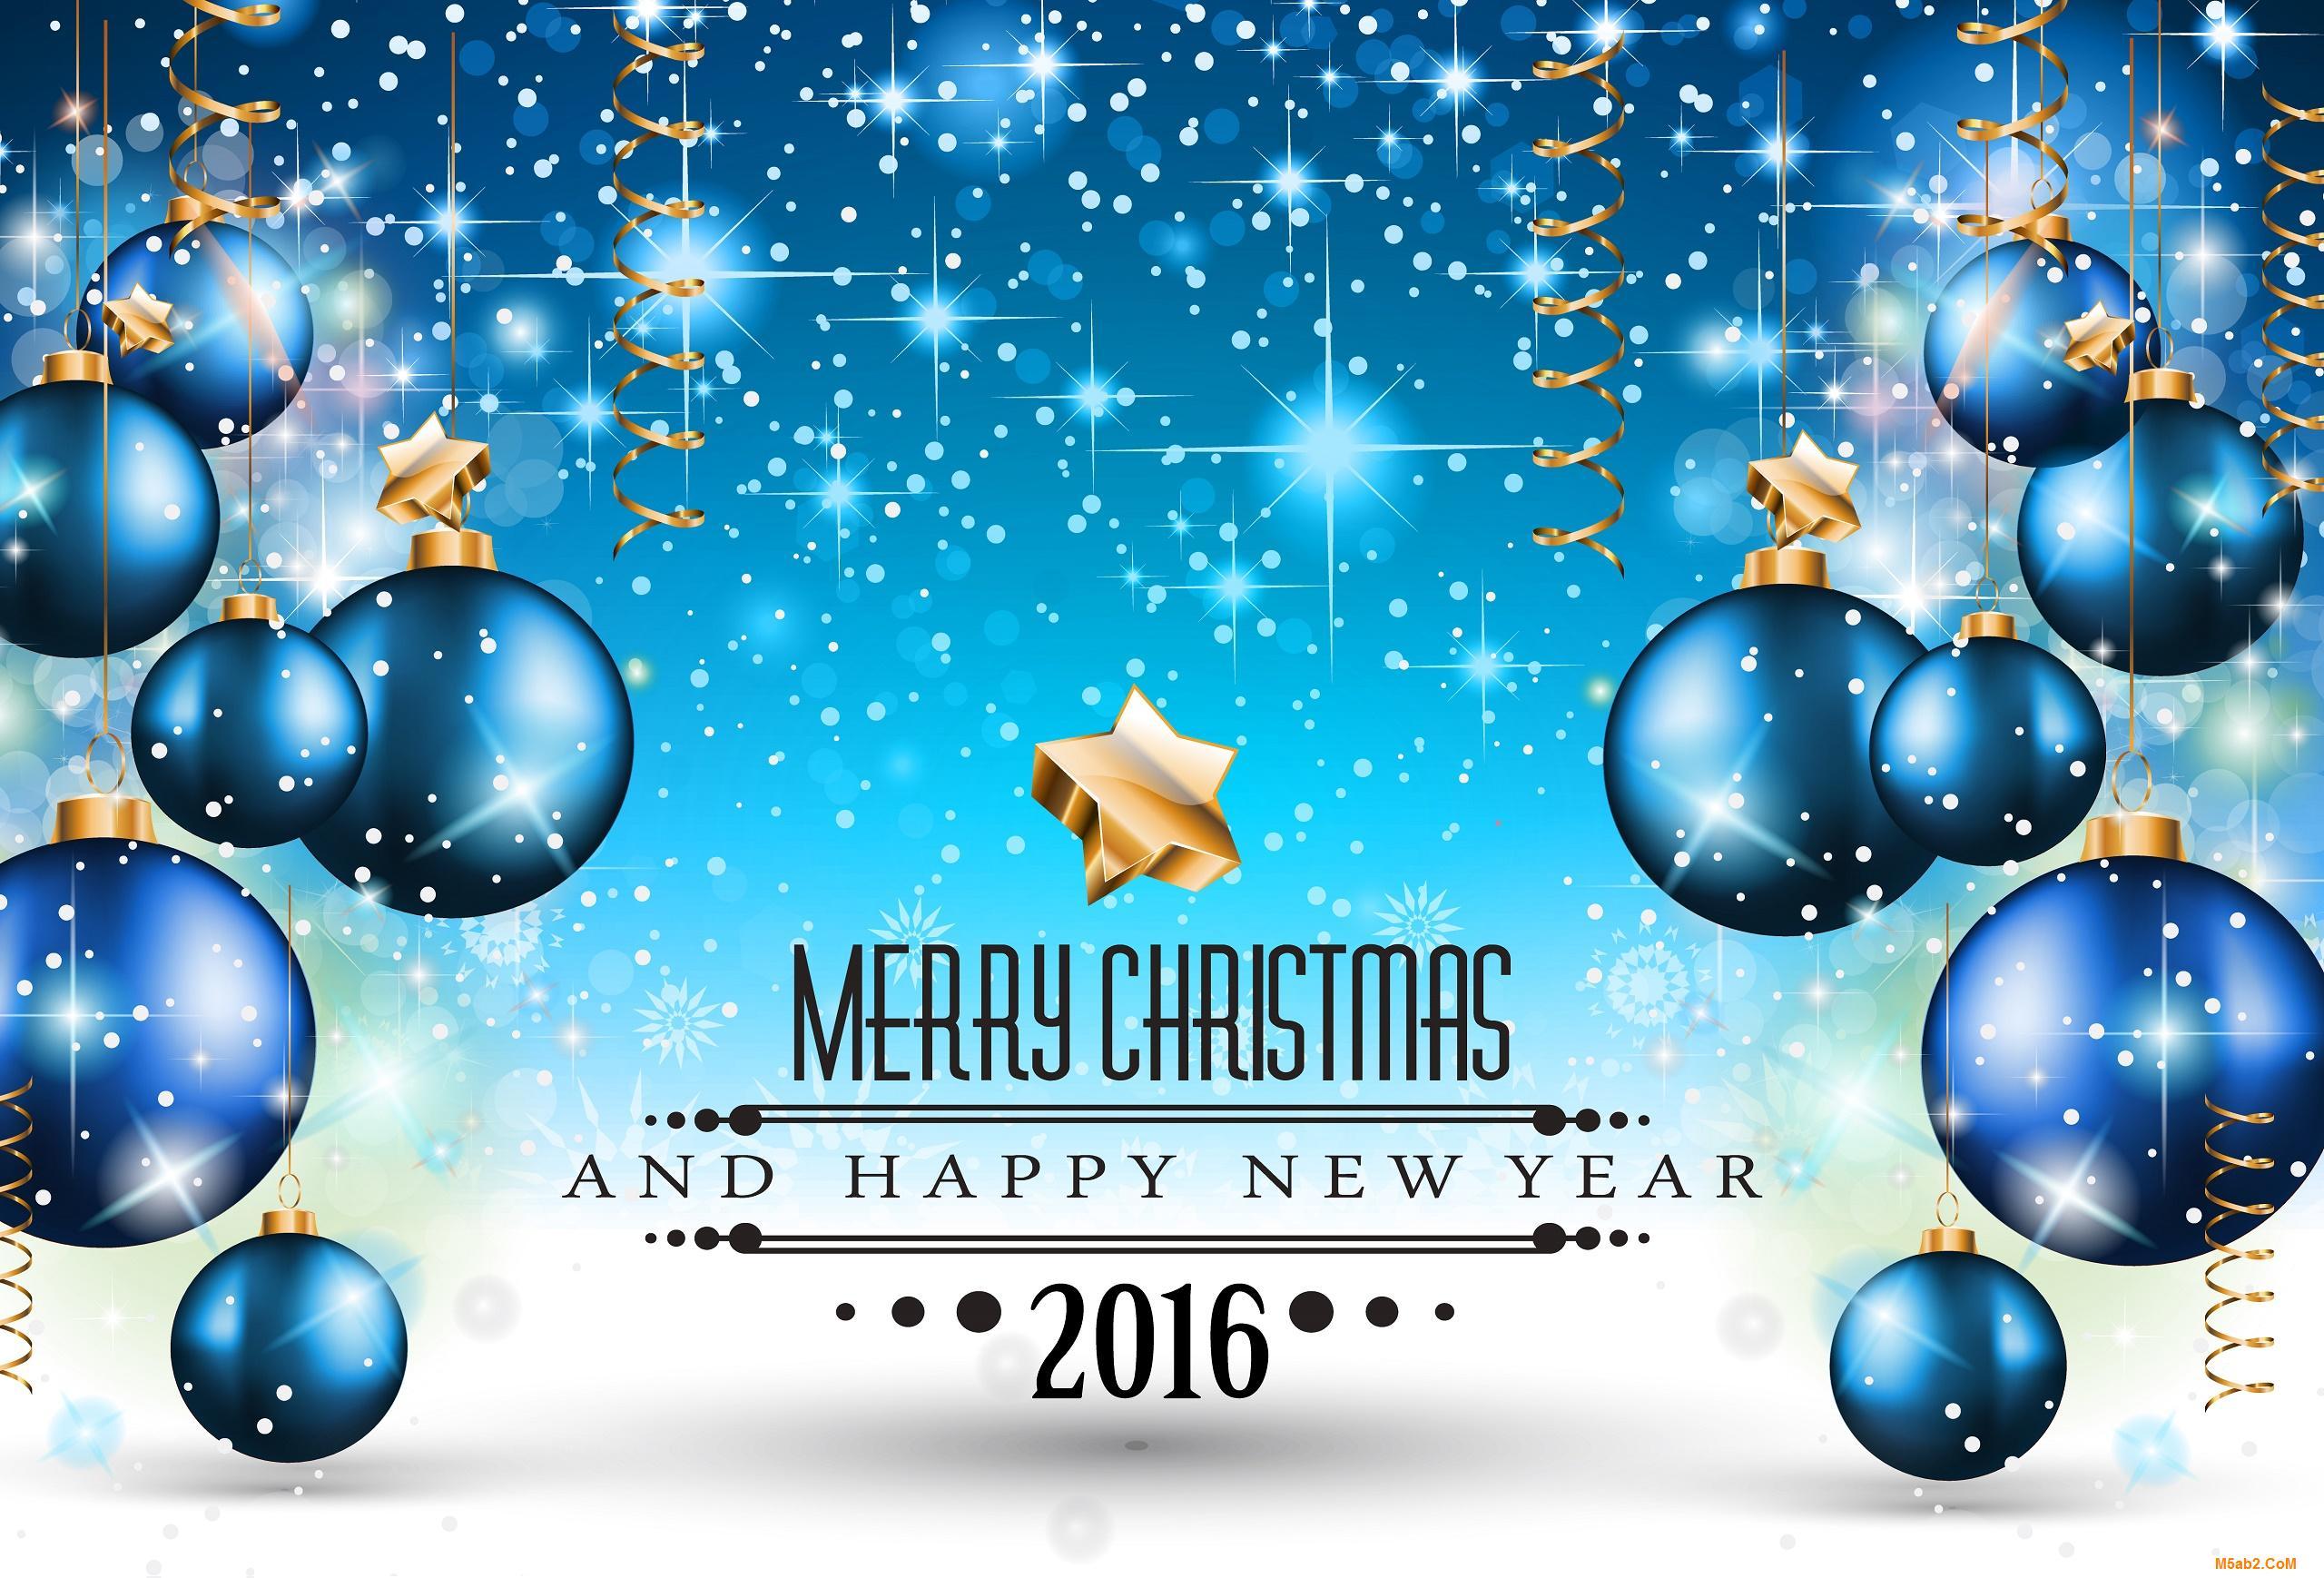 صور عام 2017 الجديد , صور عيد الميلاد المجيد , صور راس السنة الميلادية